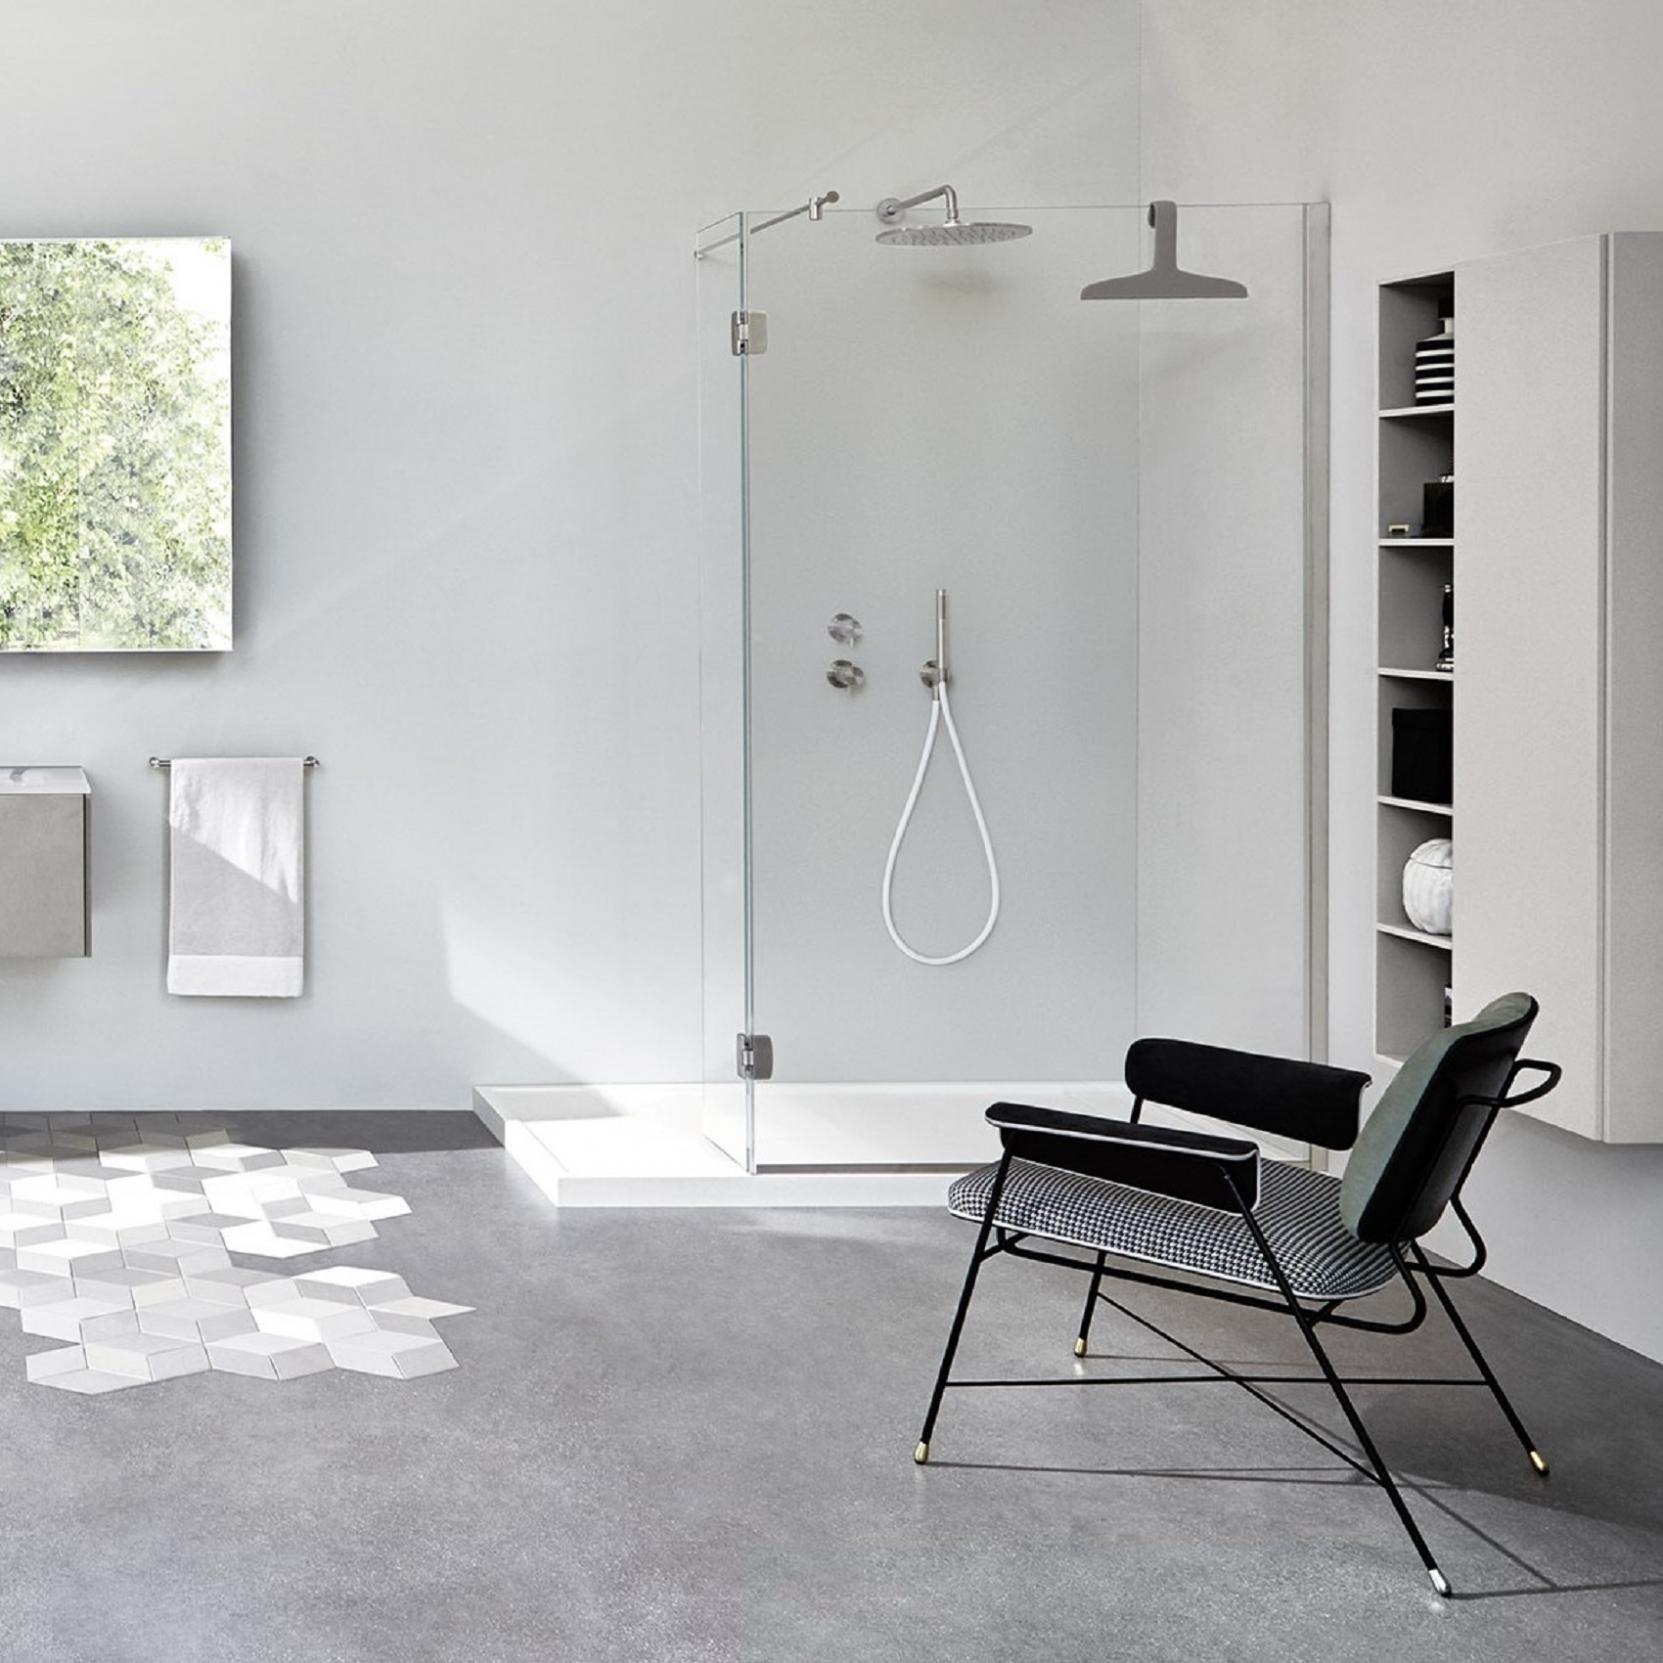 Vasca Doccia Rexa Design.Rexa Design Esperanto The New Bathroom Collection Design By Monica